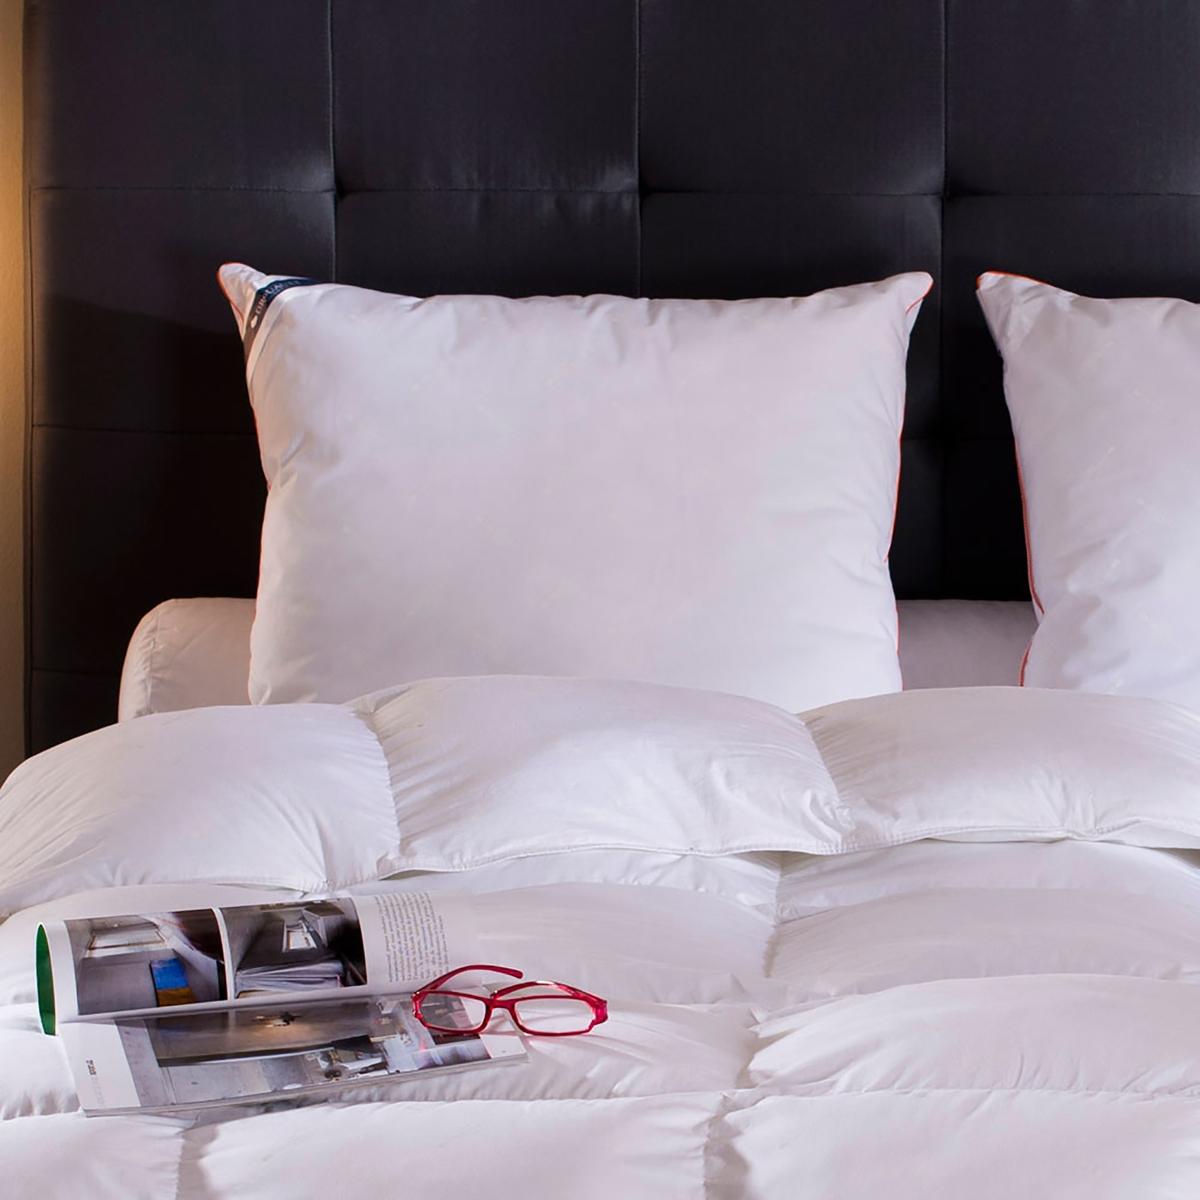 Подушка синтетическая «Moscova». Напоминает гусиный пух на ощупь.Синтетическая подушка : если вы ищите качества подушки с натуральным пухом в синтетической подушке, это изделие для вас!Наполнитель из волокон из микрофибры Suprelle Duv Touch® обеспечивает пышность и исключительный комфорт. Подушка отлично адаптируется к строению вашего тела и гарантирует оптимальную поддержку головы. Производство: Франция. Чехол : Качественный сатин из хлопковой саржи с кантом кораллового цвета и рисунком в тон с логотипом DROUAULT, все это подтверждает подлинность изделия высокого качества.Наполнитель : 100% волокон из полиэстера Suprelle® Duv, очень мягких на ощупь. Восстанавливает пышность и сохраняет форму. Машинная стирка при 40 °С. Доставка в чемоданчике для хранения.<br><br>Цвет: белый